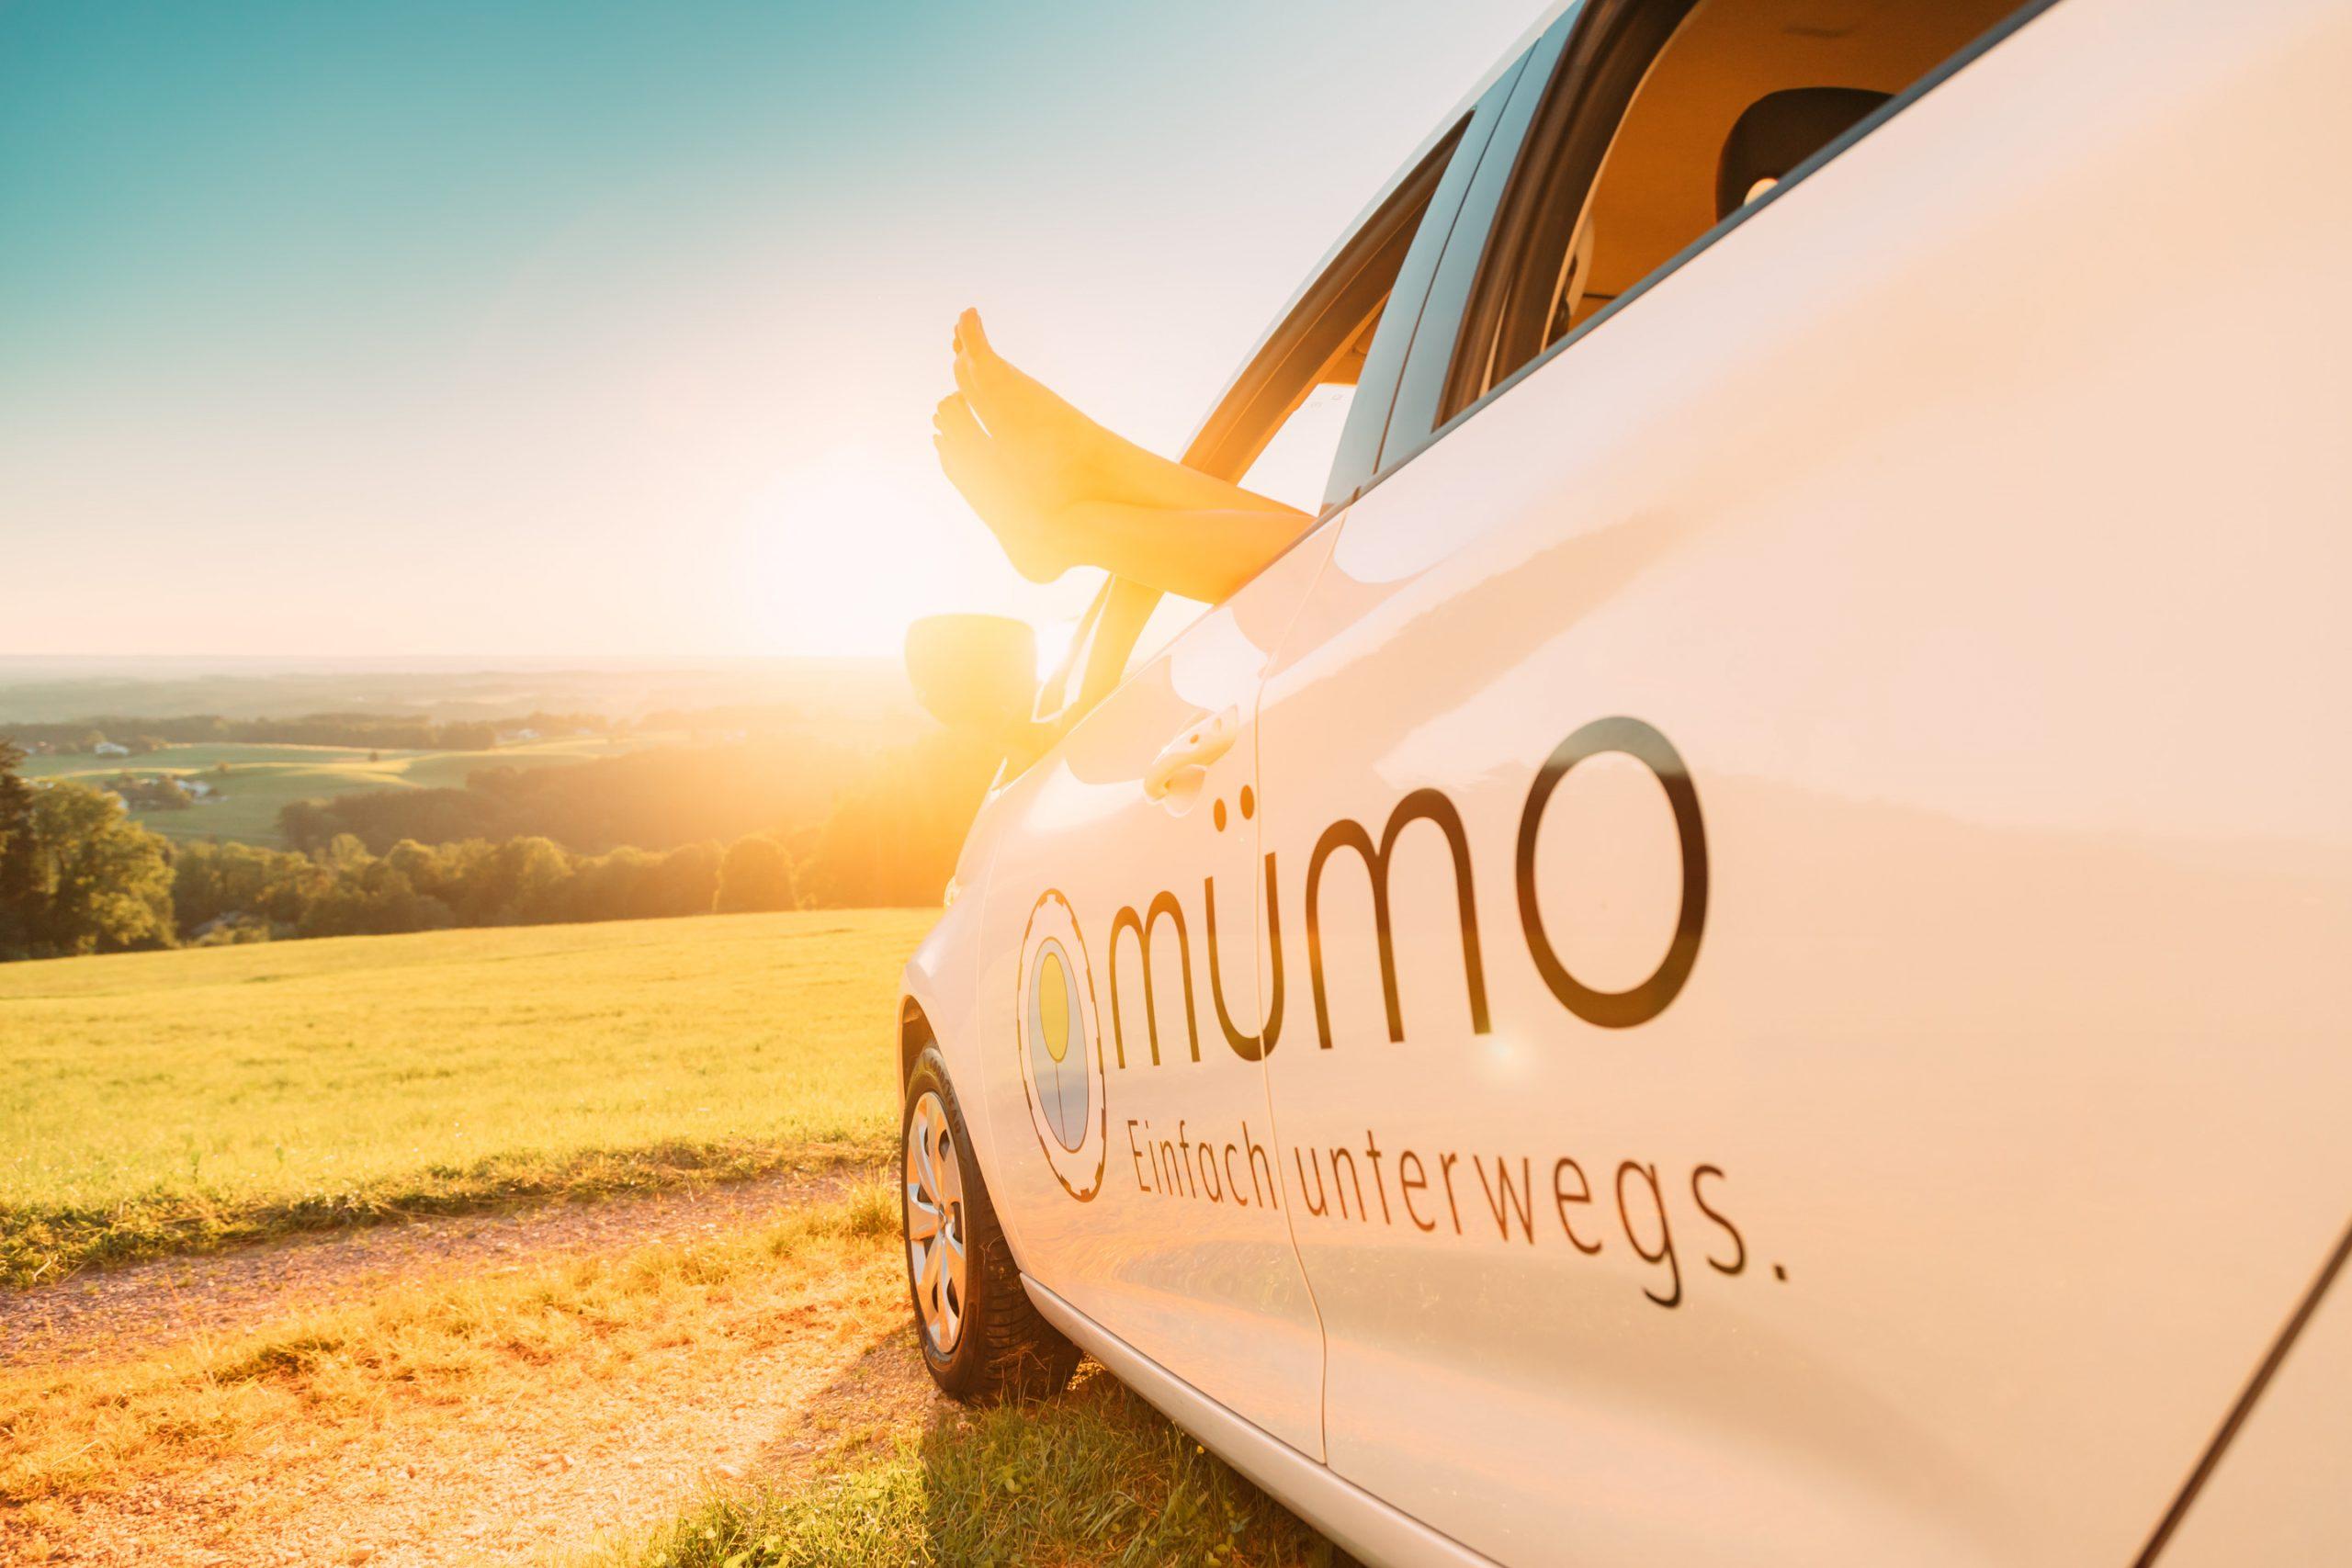 im Sonnenuntergang die Füße aus dem Autofenster baumeln lassen